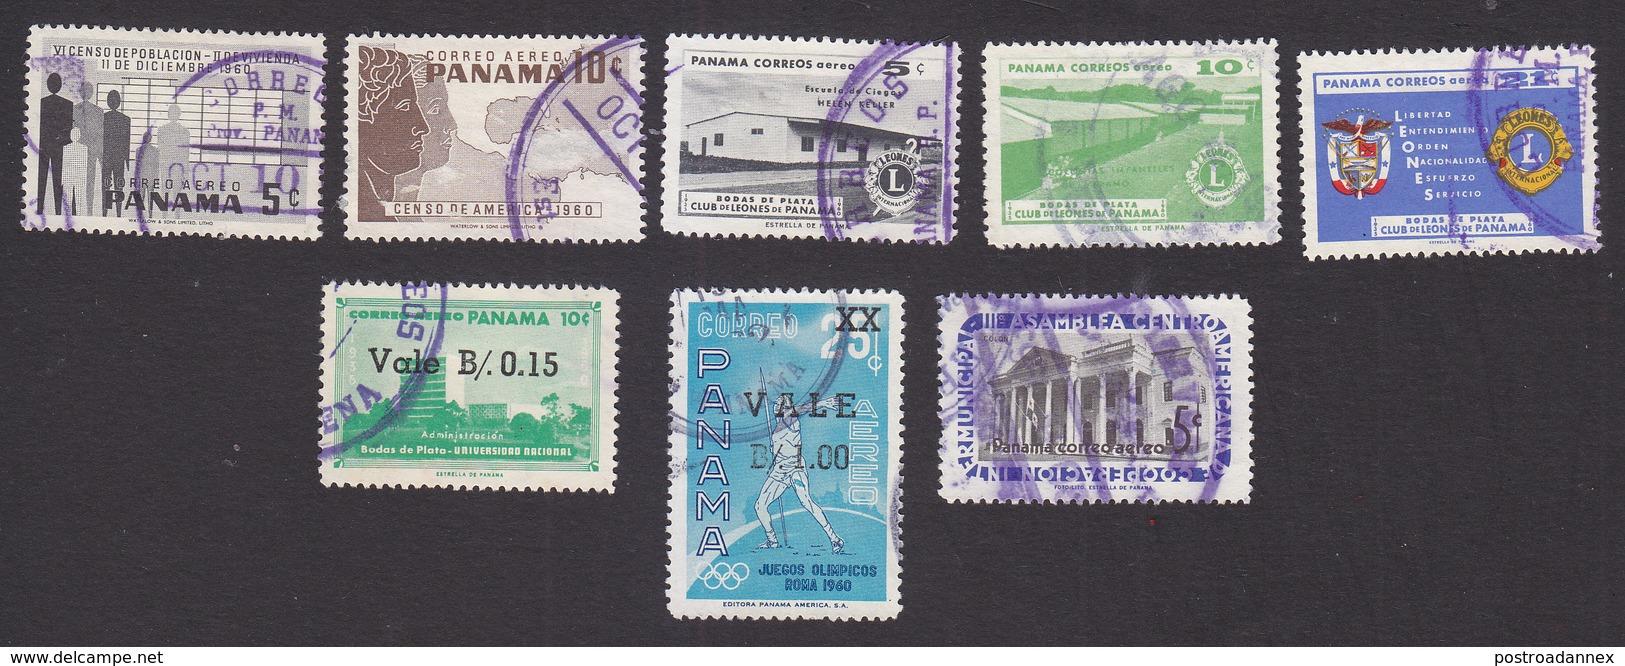 Panama, Scott #C238-C239, C245-C247, C253-C255, Used, Census, Lions, City Hall, Issued 1960-62 - Panama